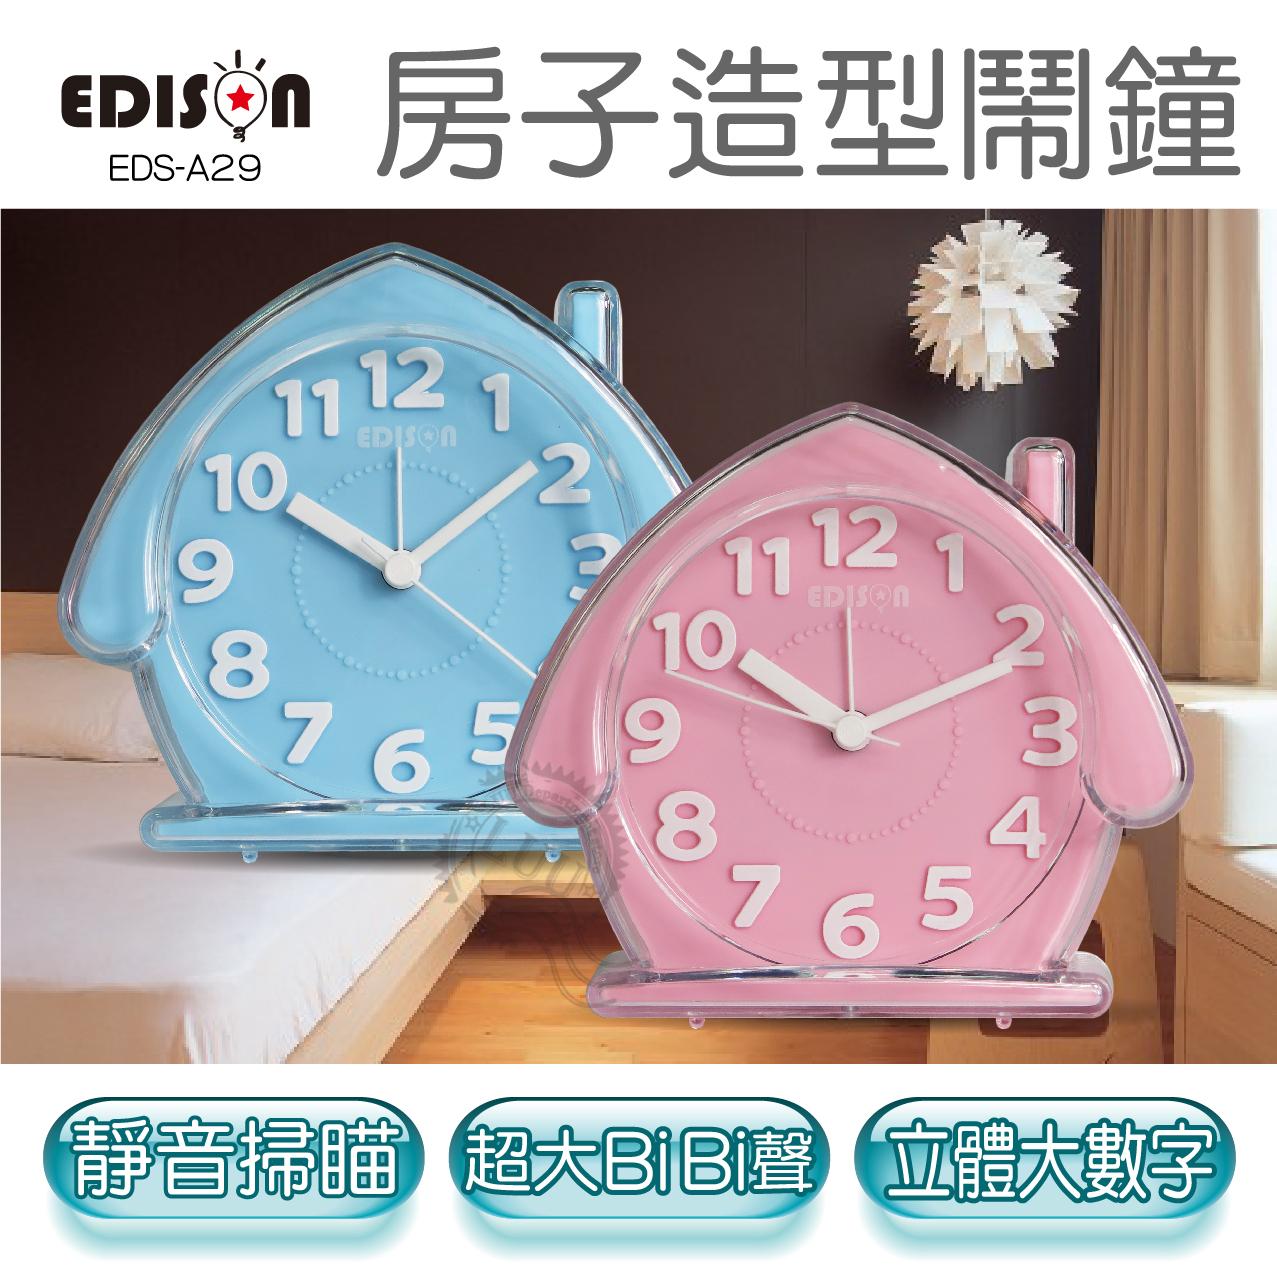 樂悠悠生活館EDISON愛迪生房子造型鬧鐘時鐘鐘錶計時器鬧鈴EDS-A29